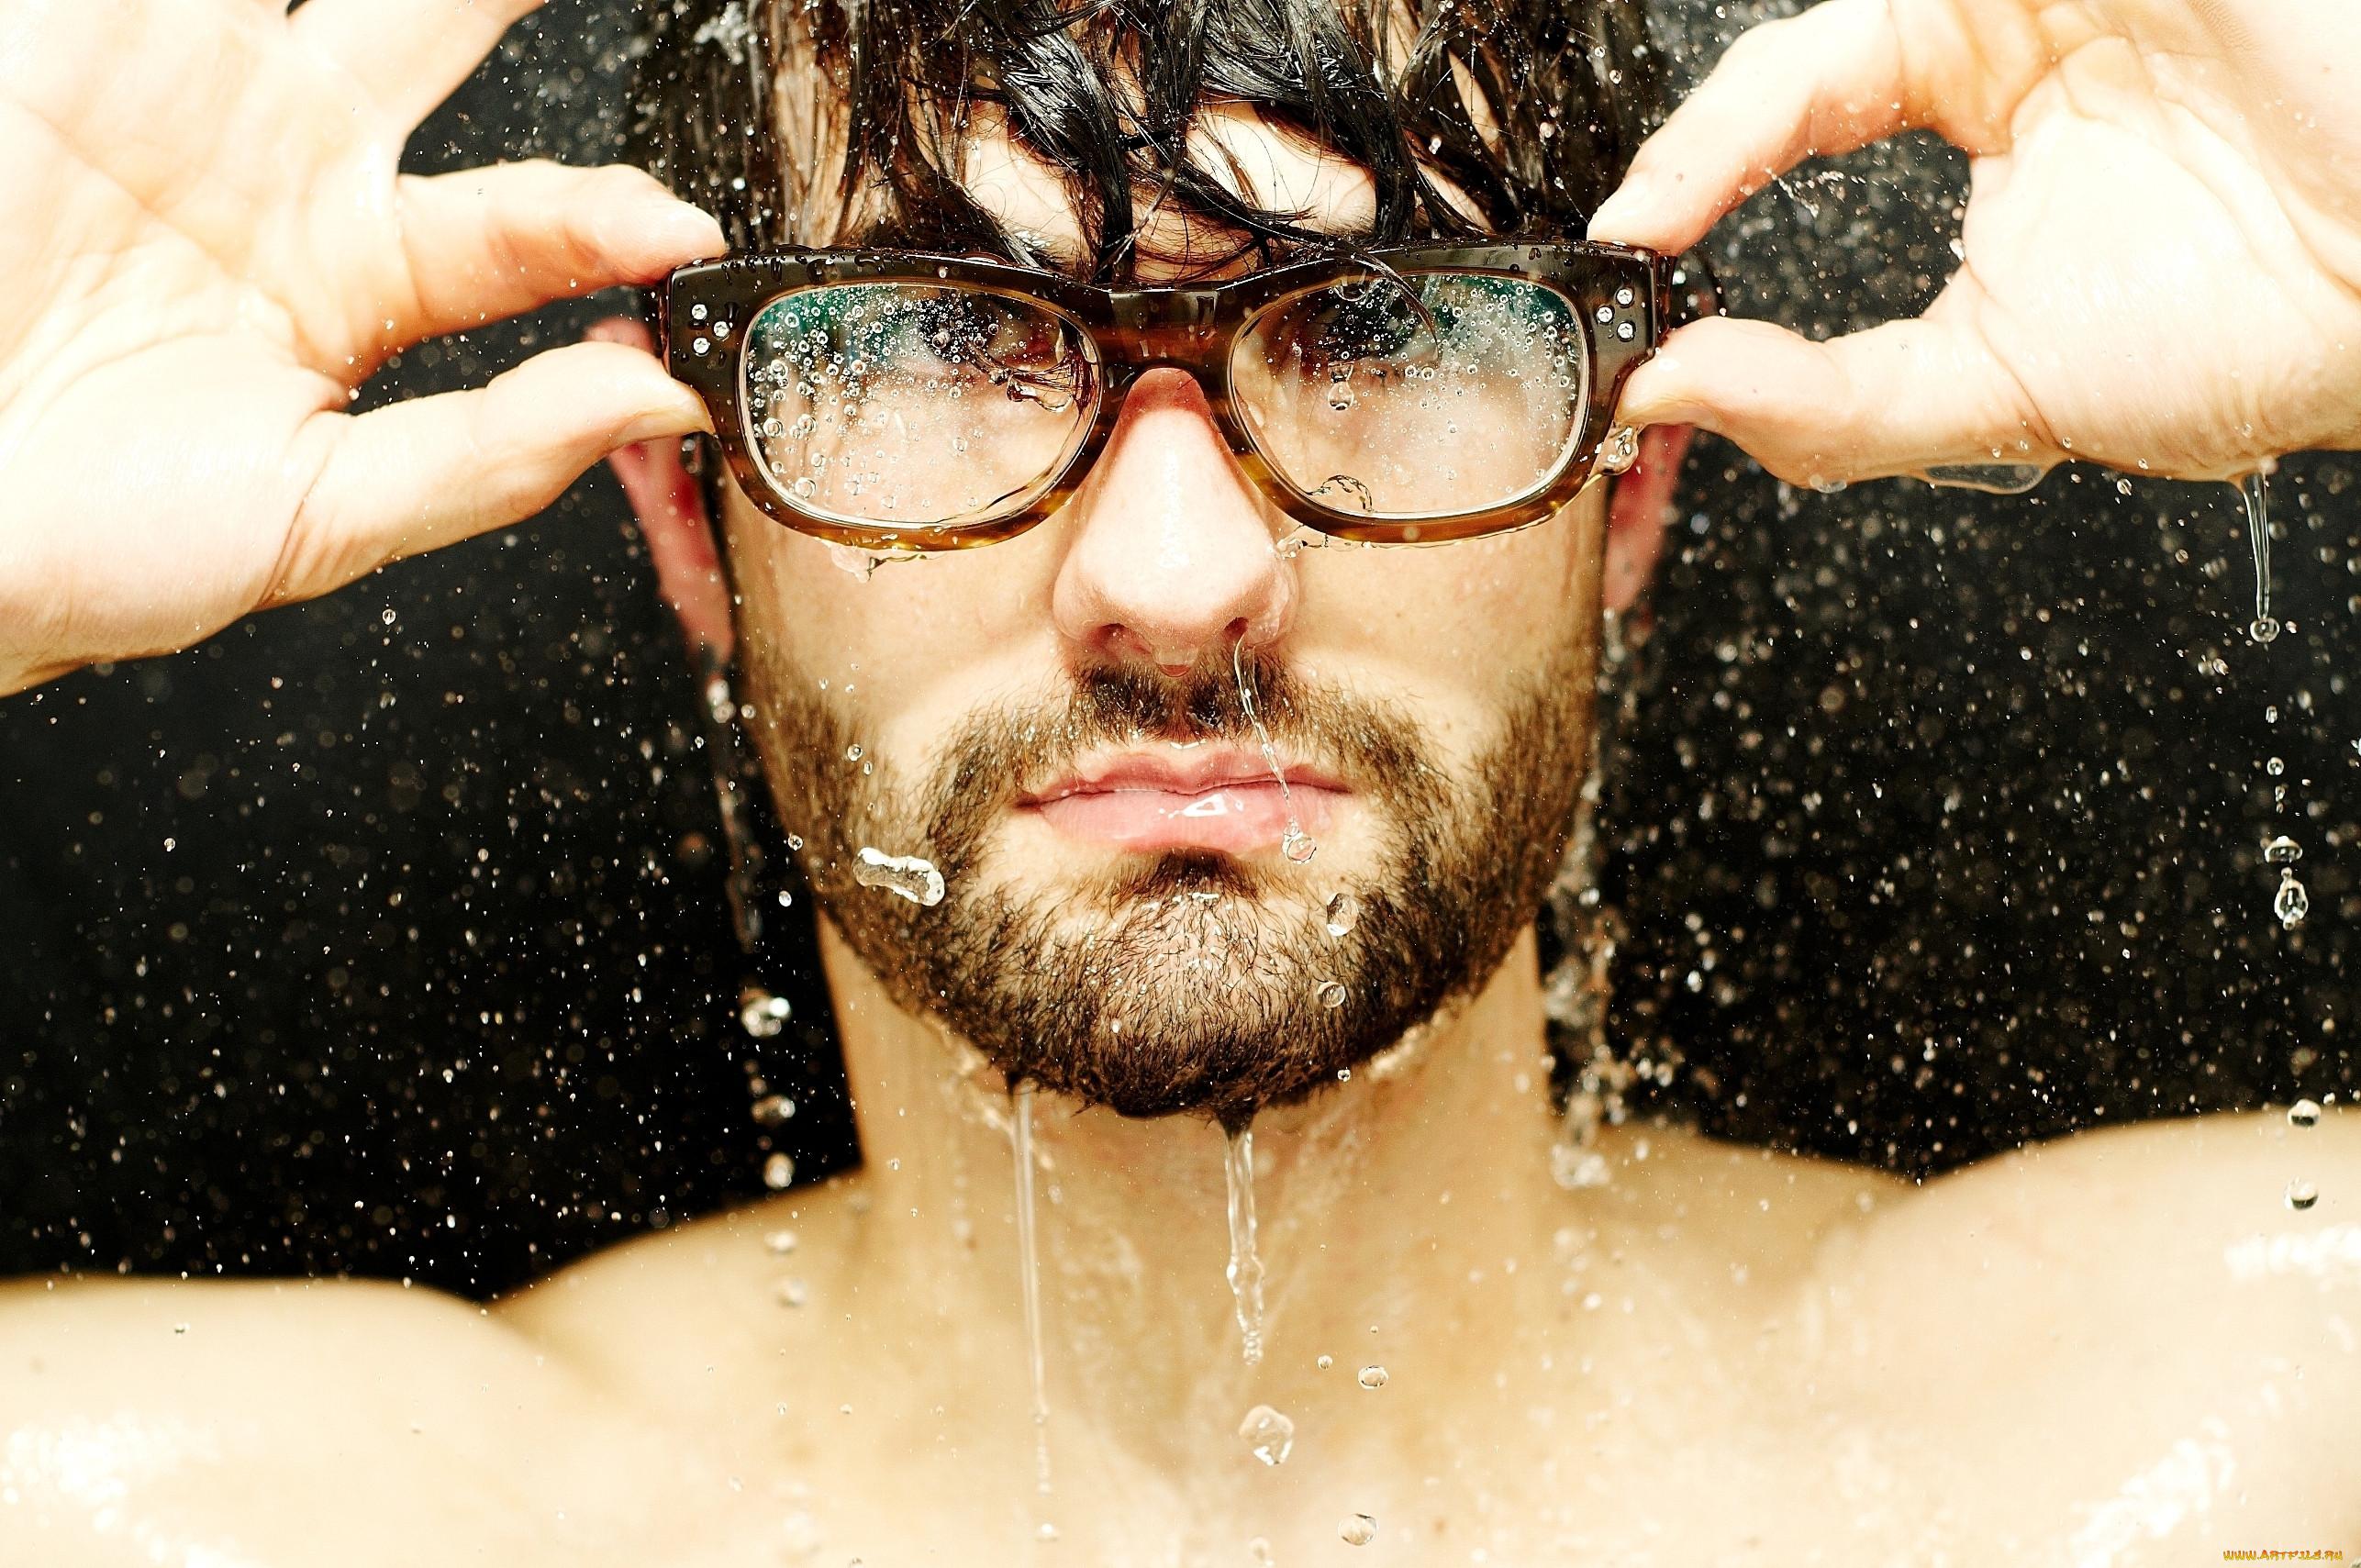 Выпадение волос при гормональных расстройствах